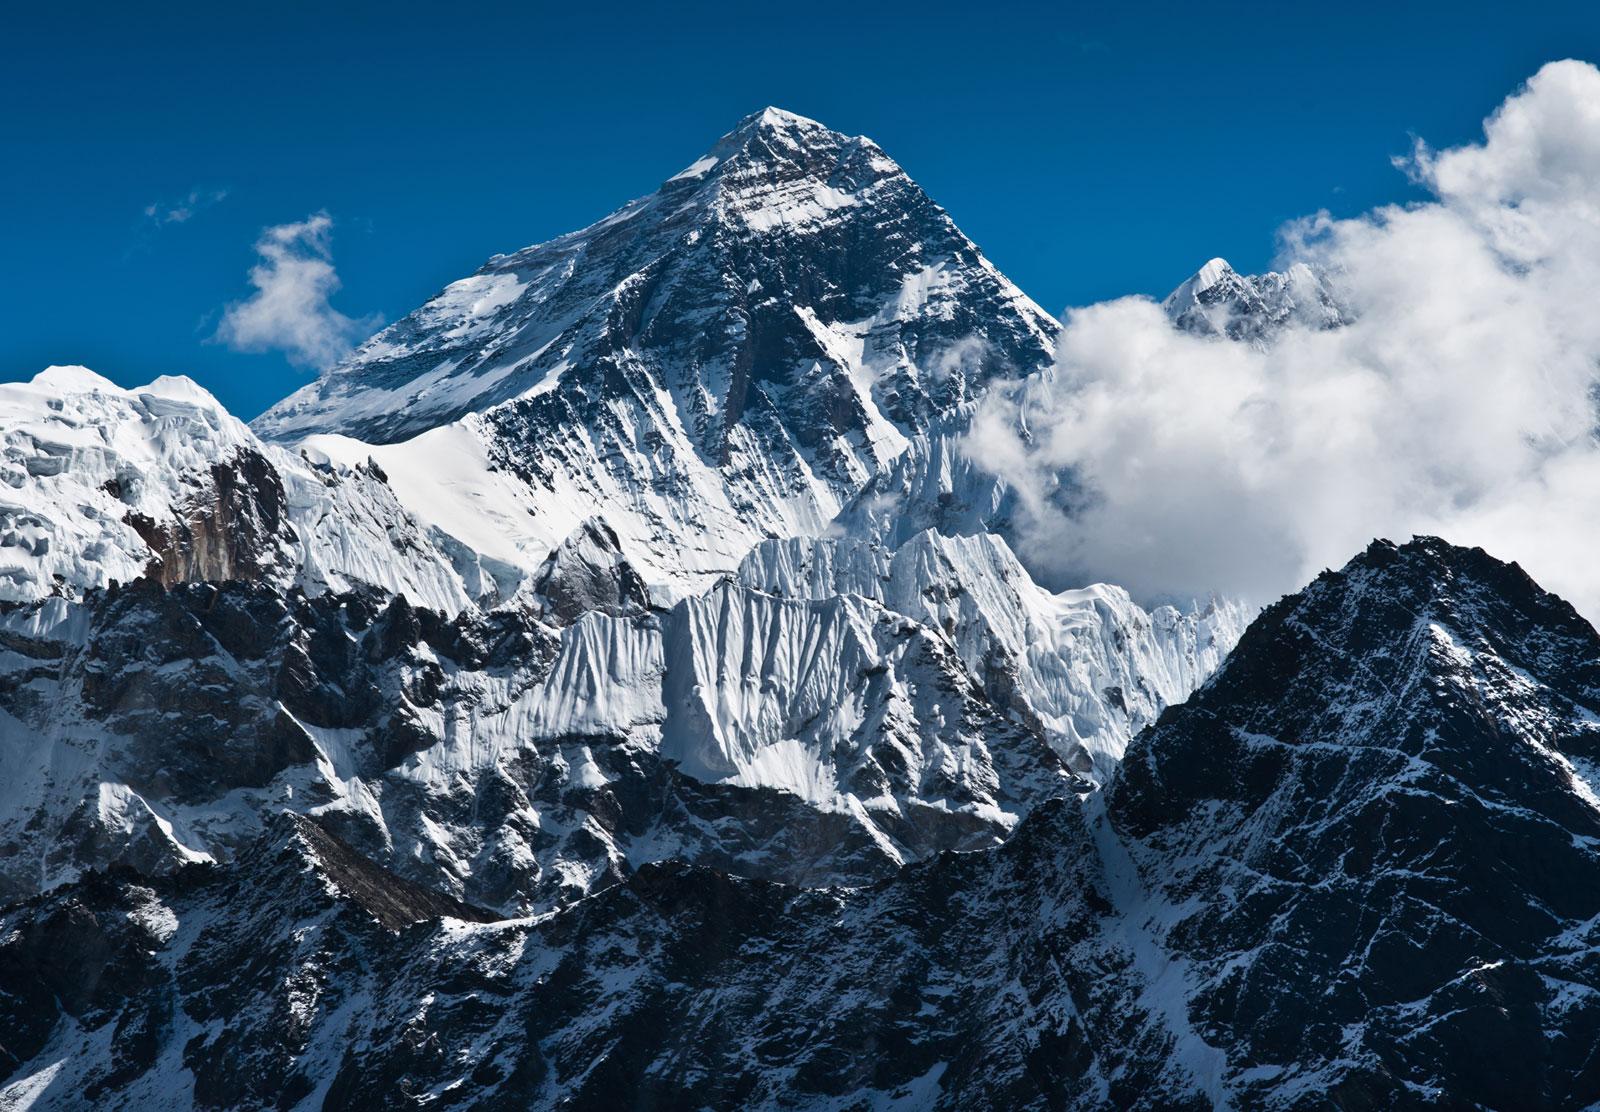 Микропластик впервые нашли на вершине Эвереста